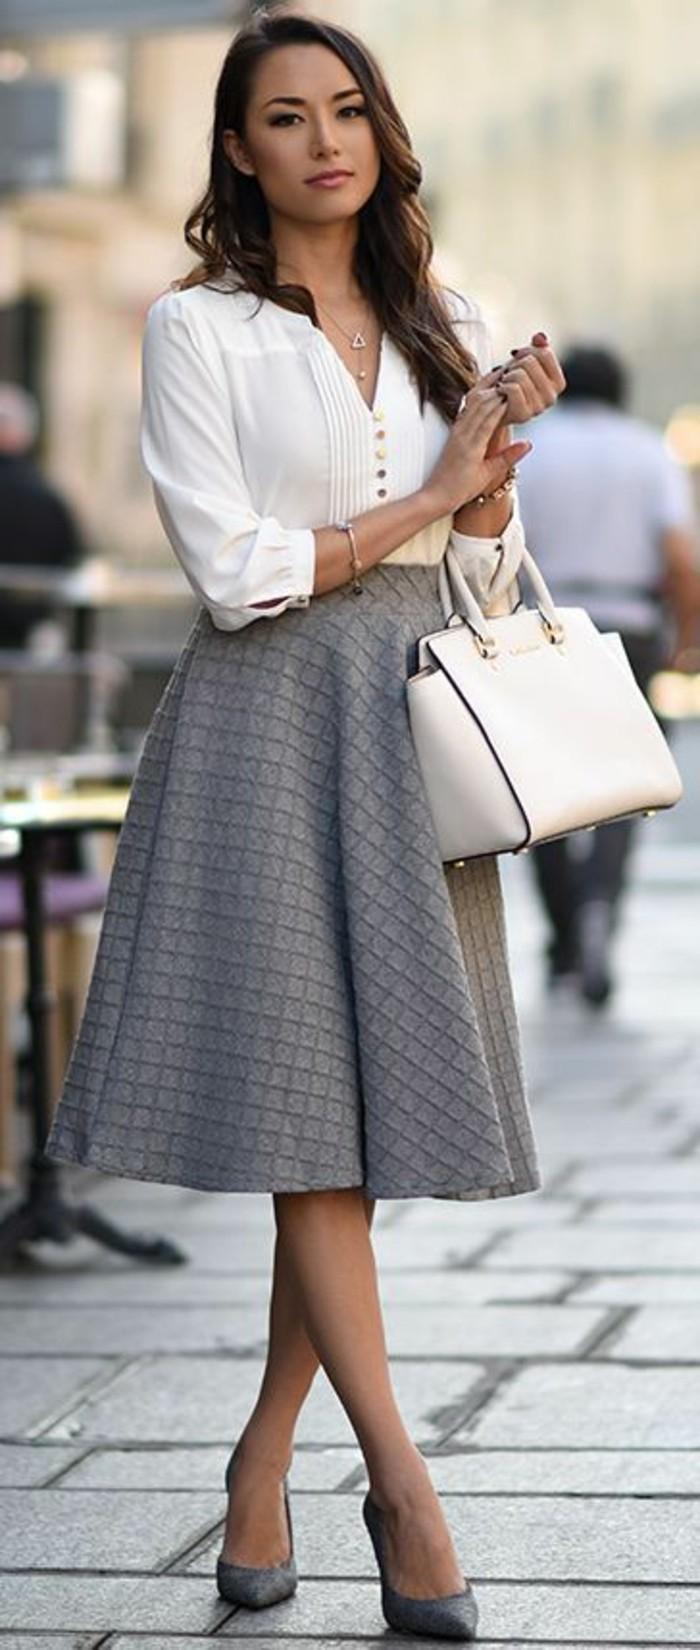 jupes longues taille haute en couleur taupe évasée avec blouse blanche